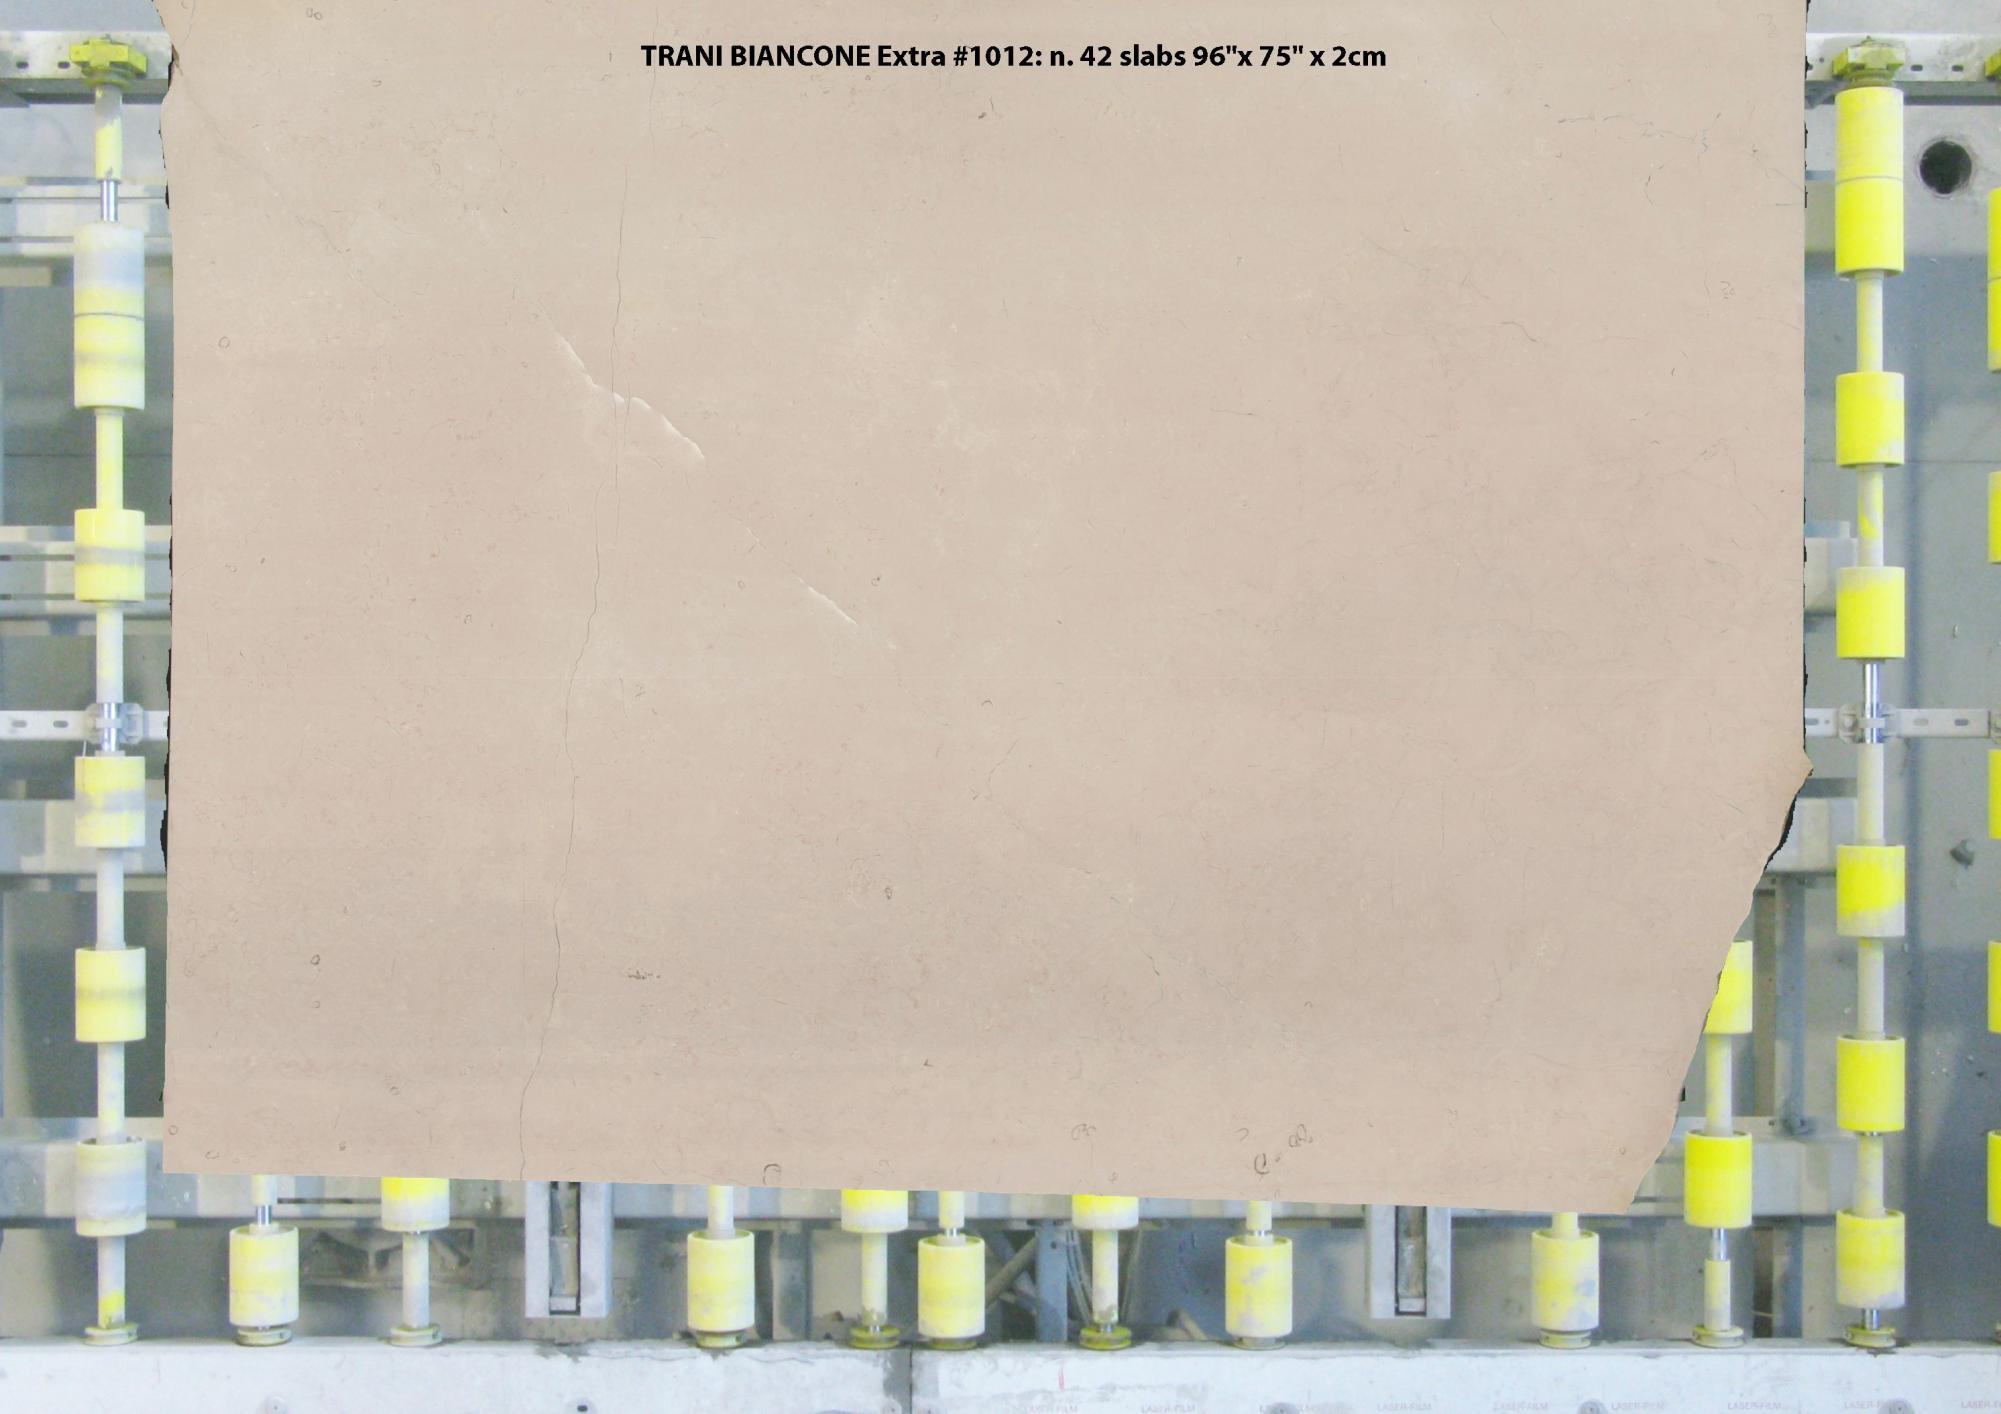 TRANI BIANCONE EXTRA Suministro (Italia) de planchas pulidas en mármol natural 1012 , Slab #15